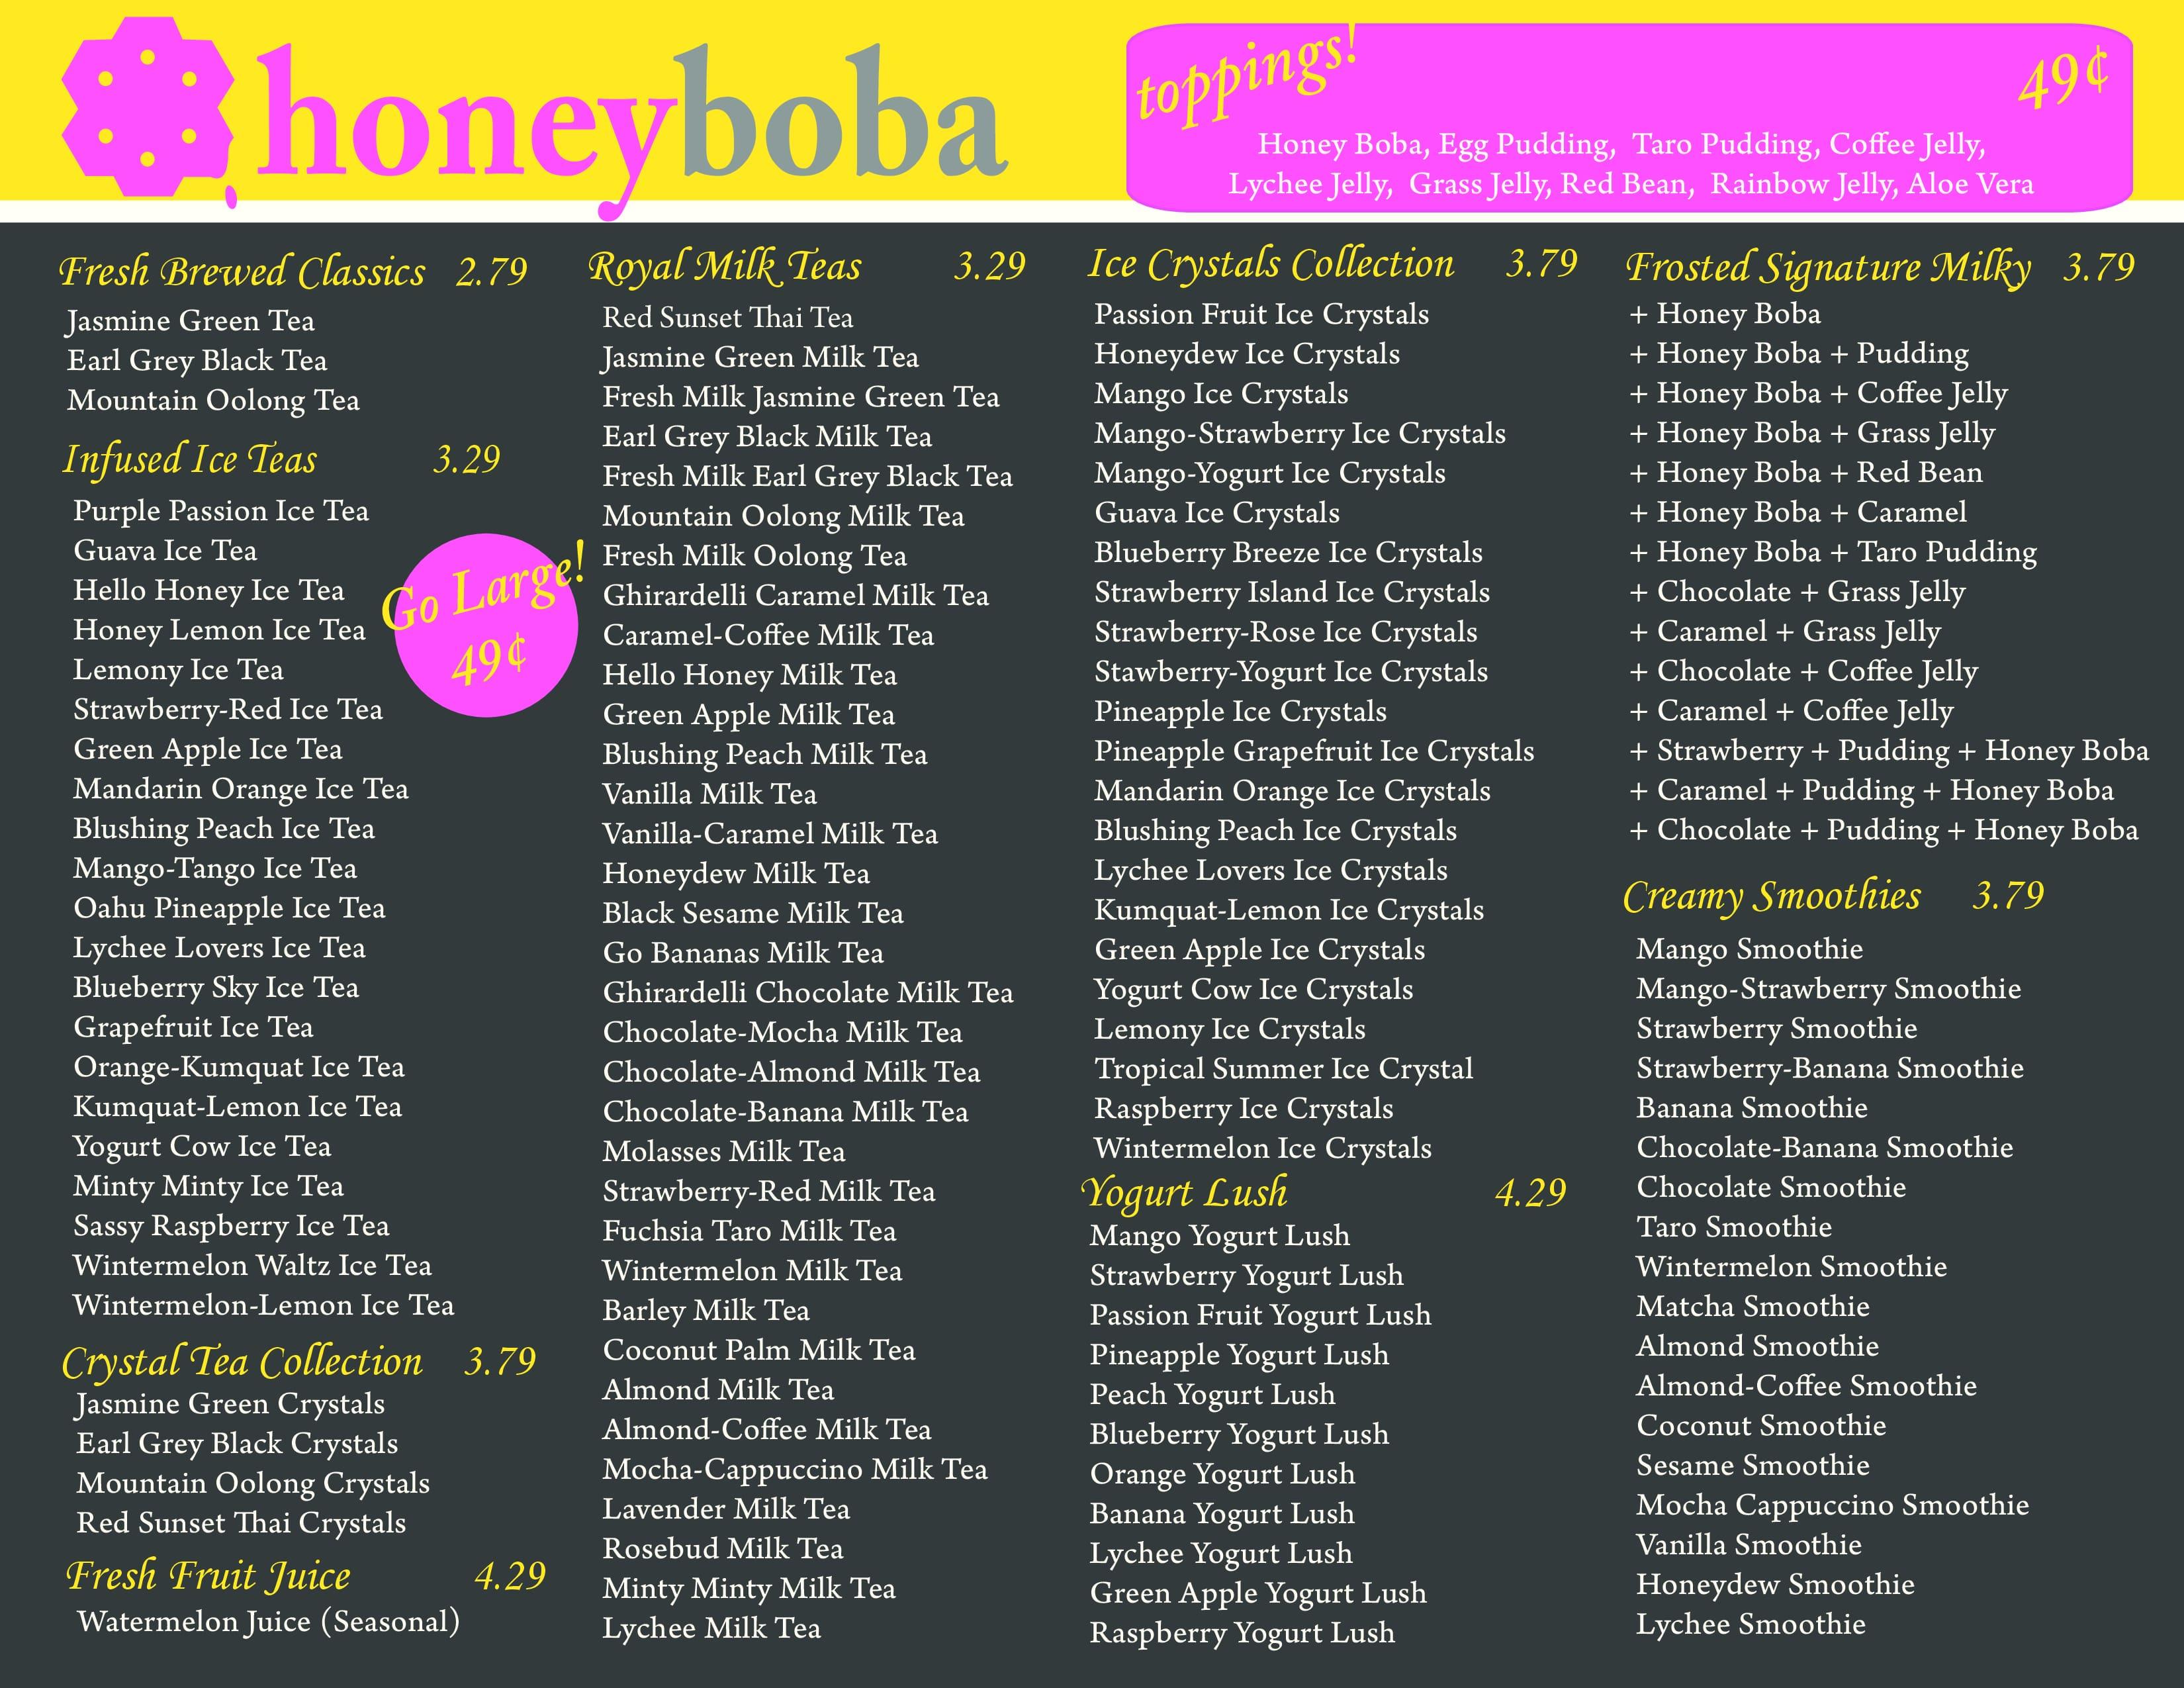 New Honey Boba Menu